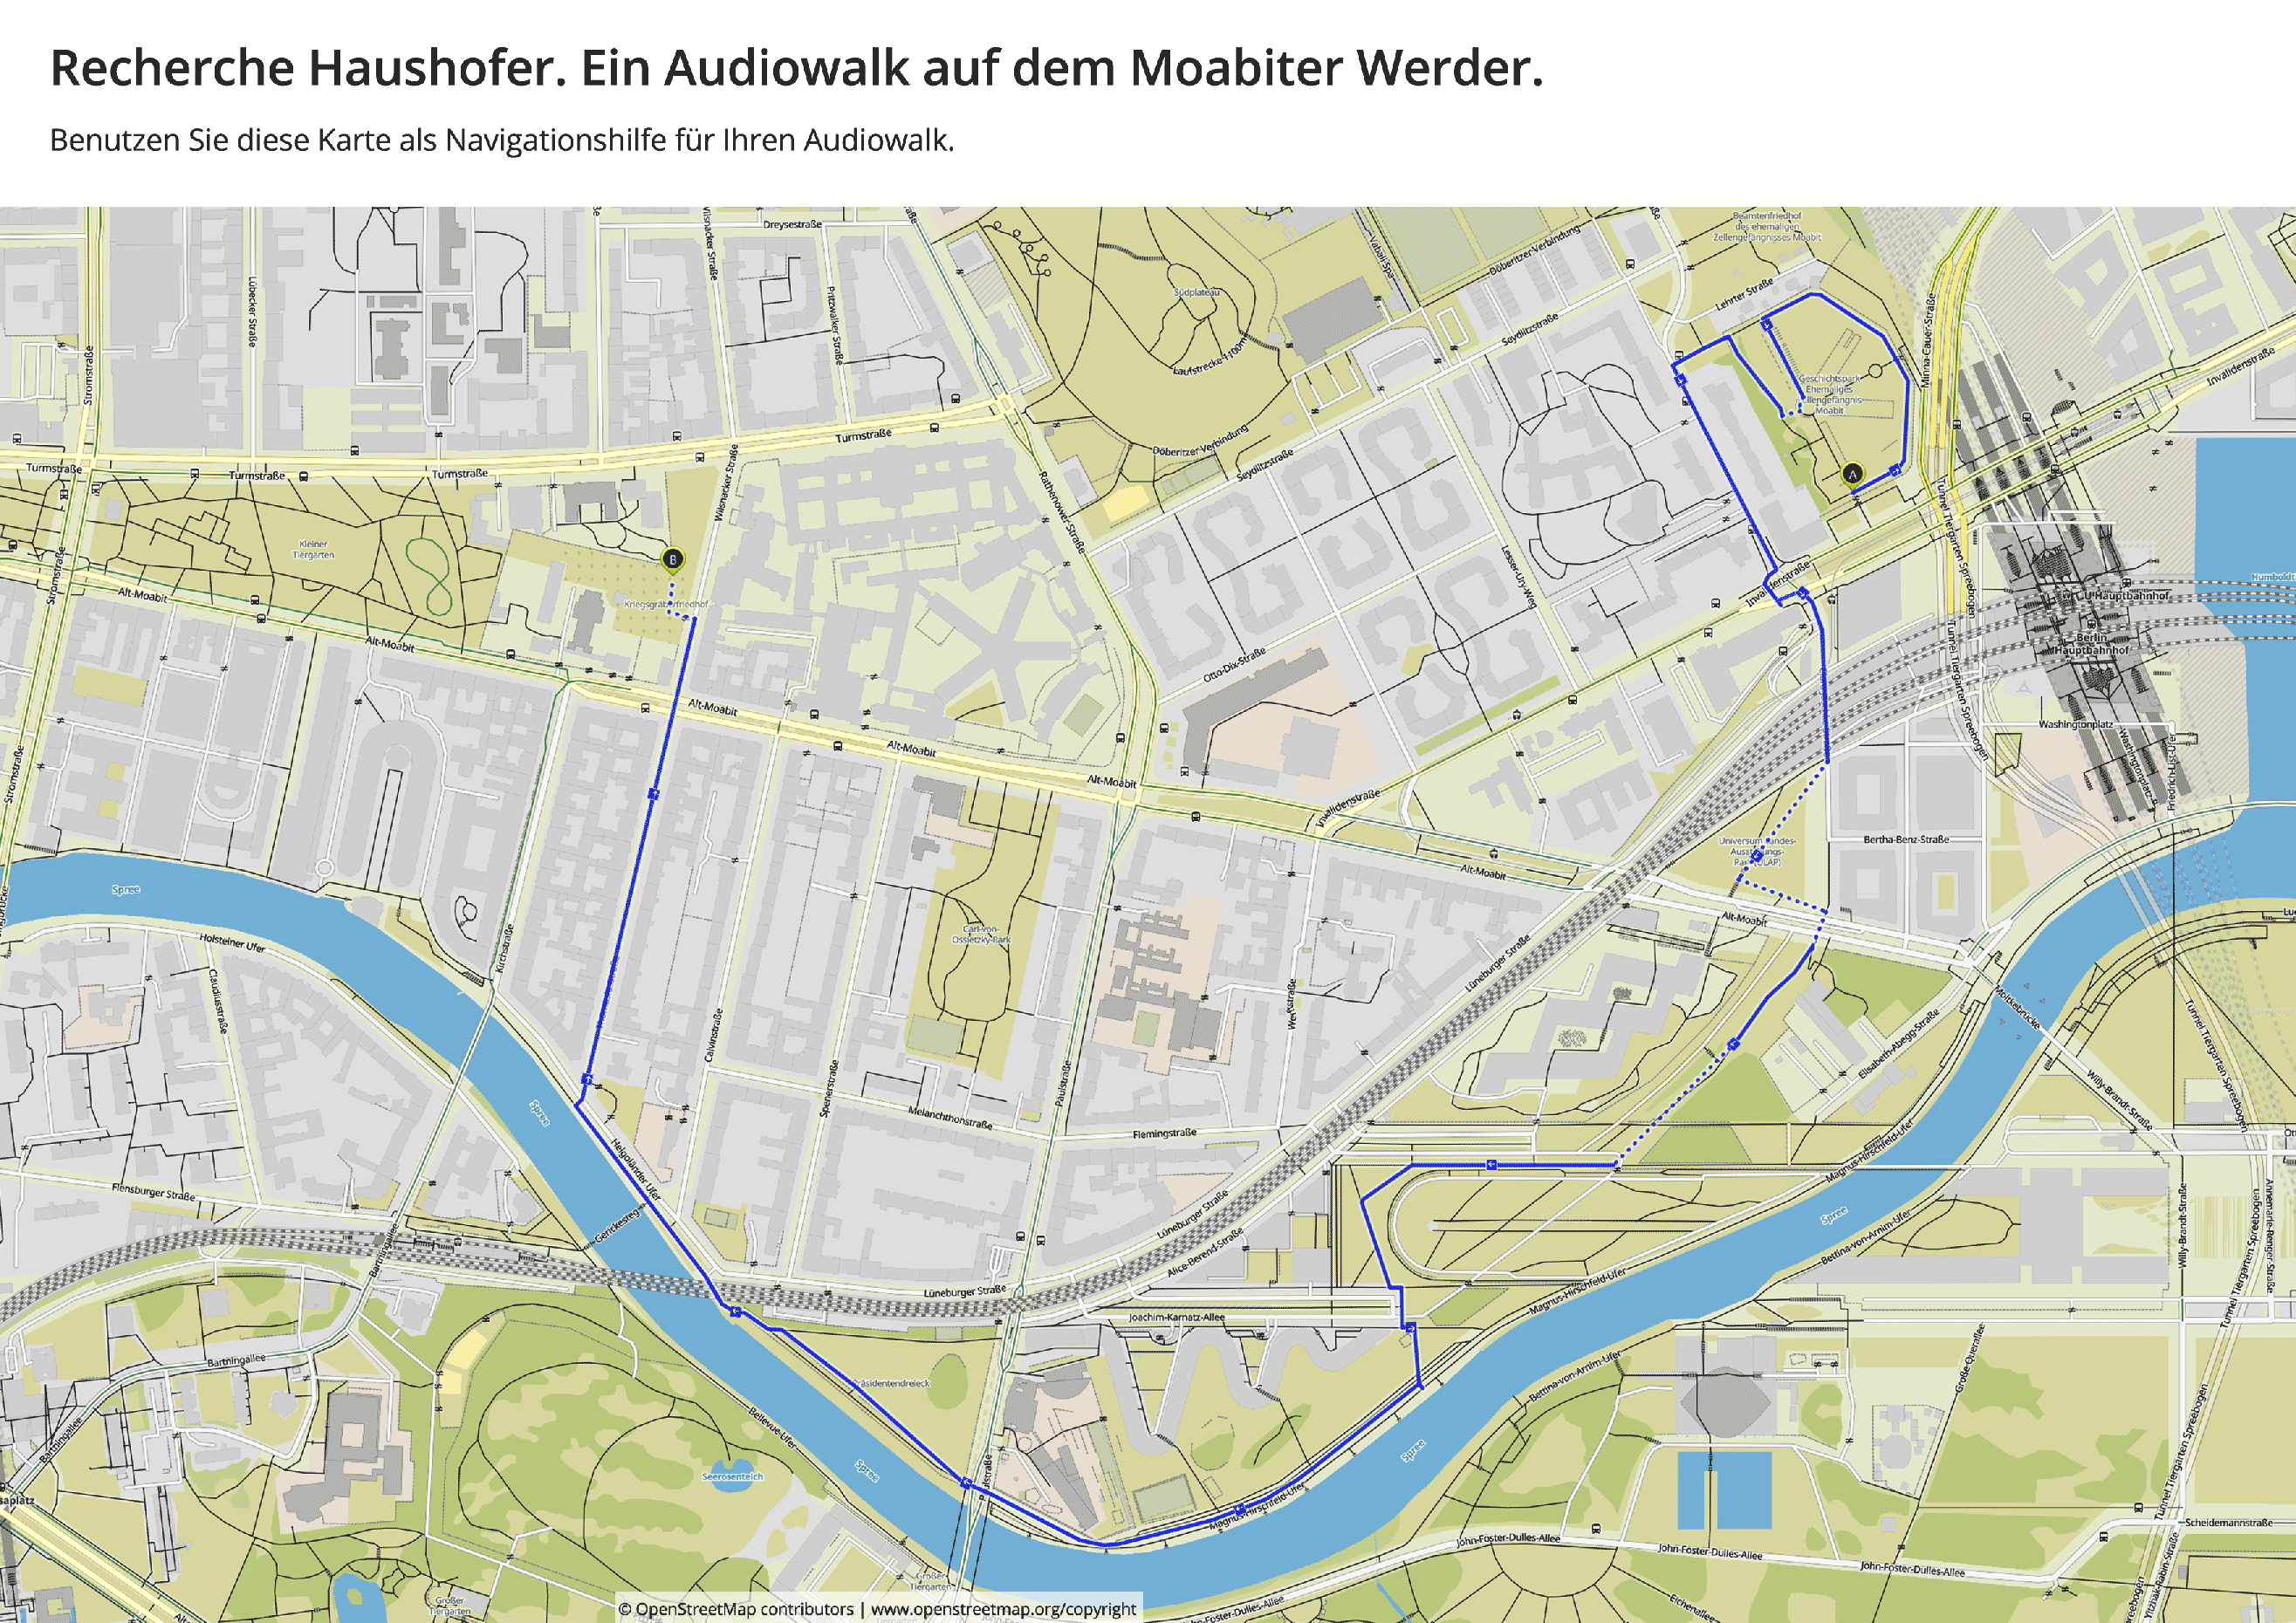 Navigationshilfe zum Audiowalk